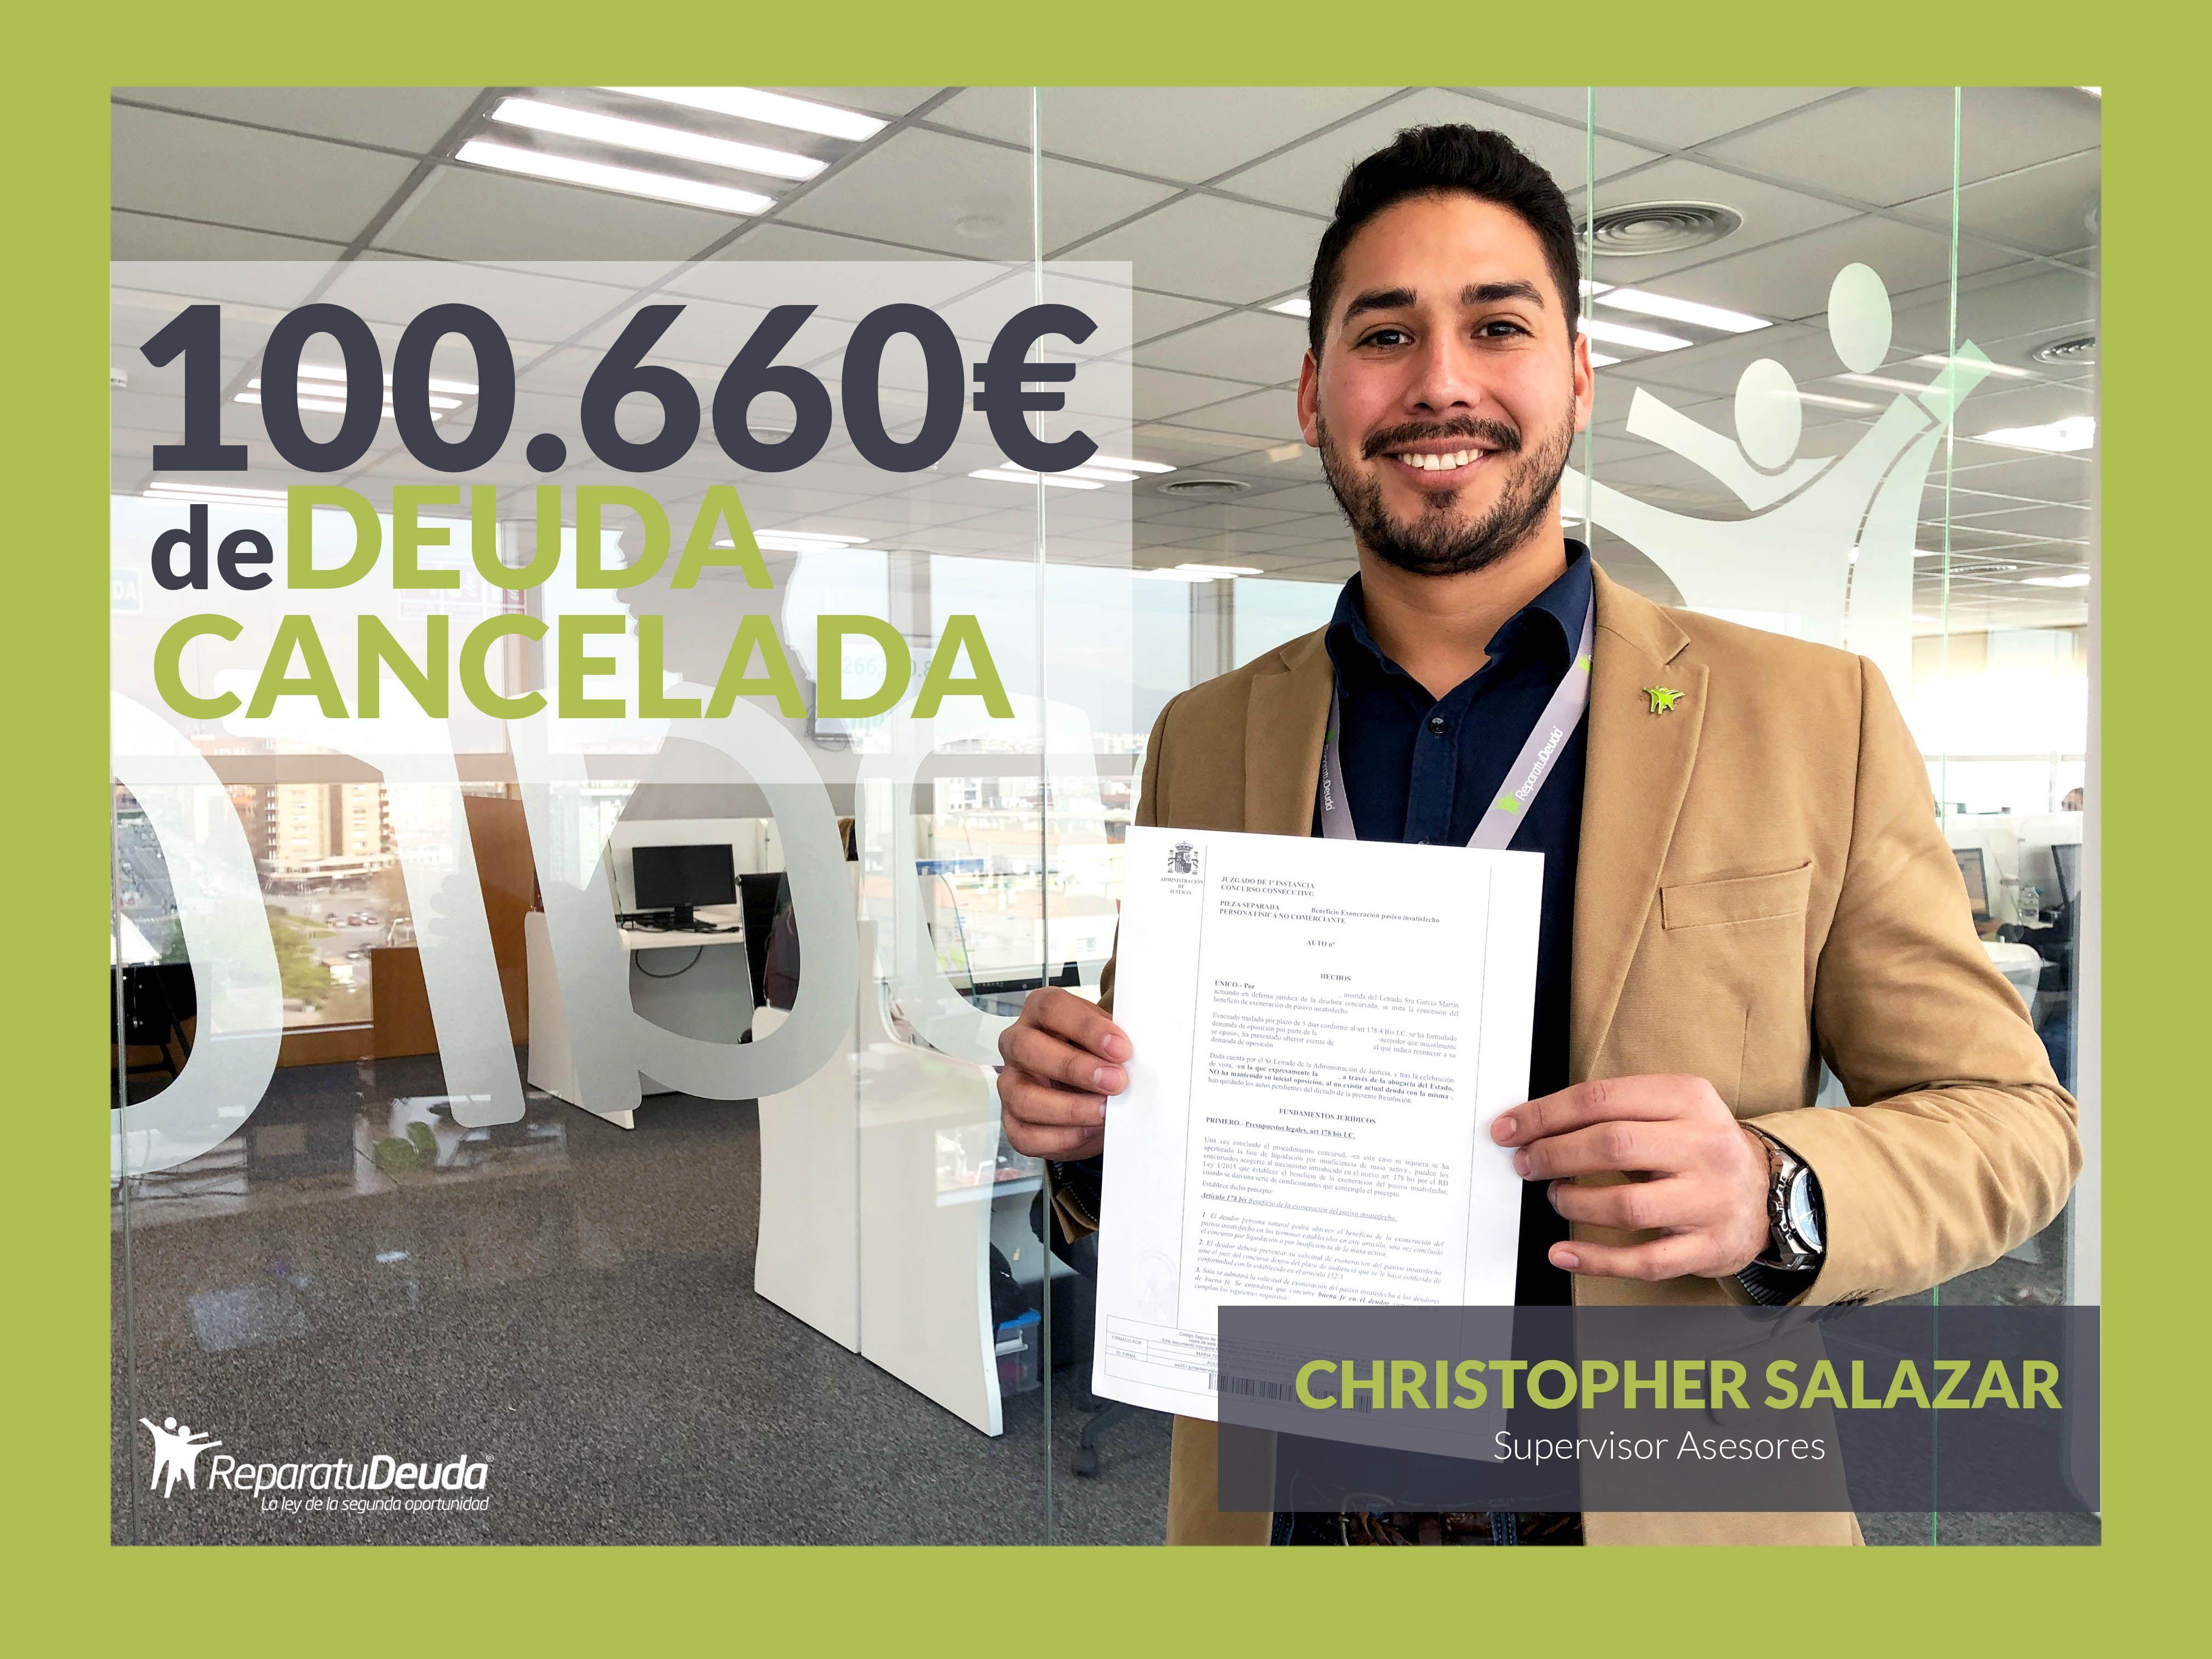 Repara tu Deuda abogados cancela en Mallorca (Baleares) 100.660 ? con la Ley de Segunda Oportunidad